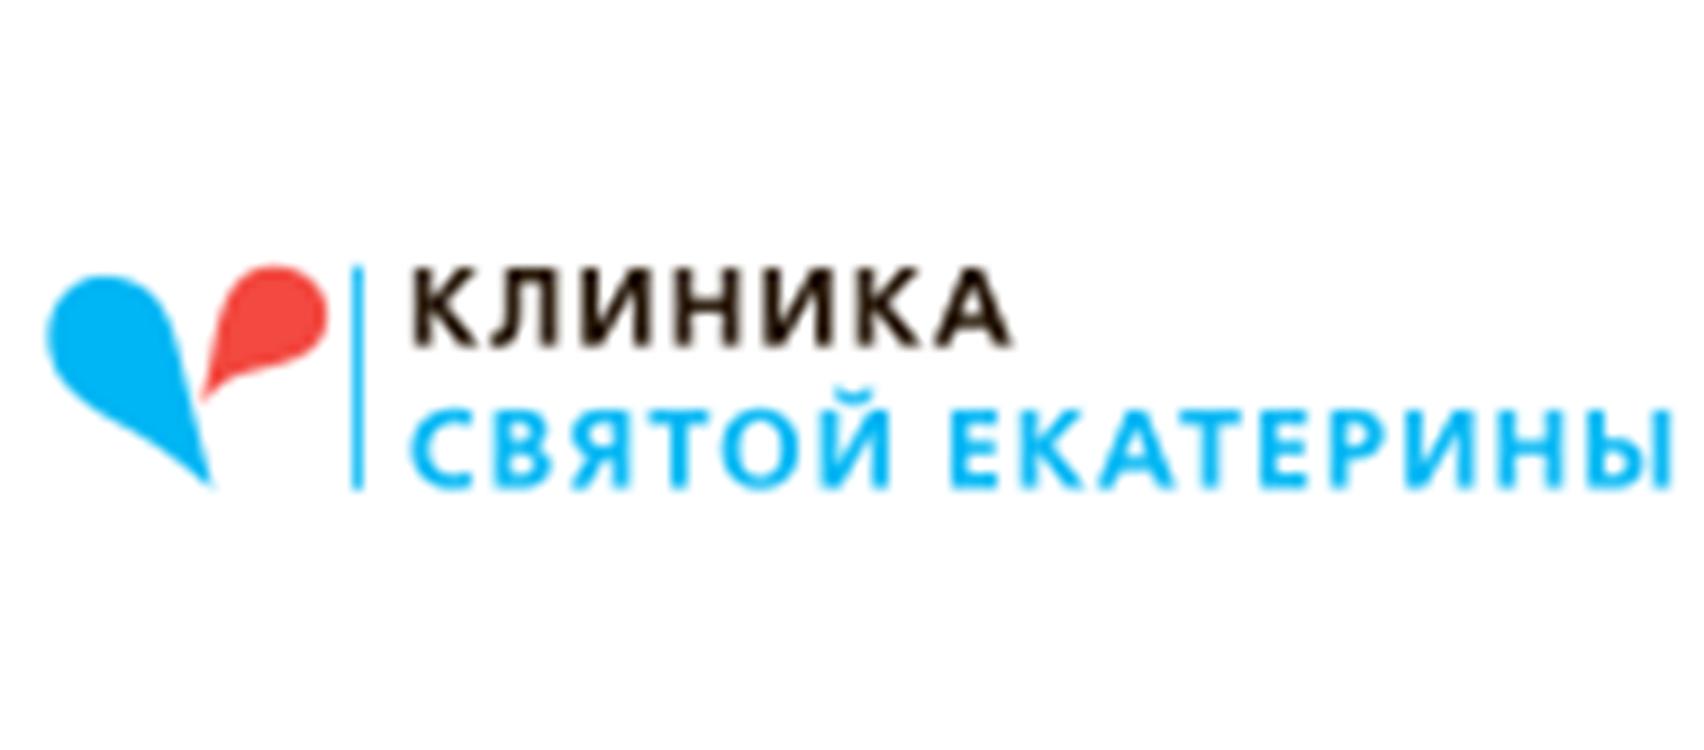 Свята Катерина-Одеса 2